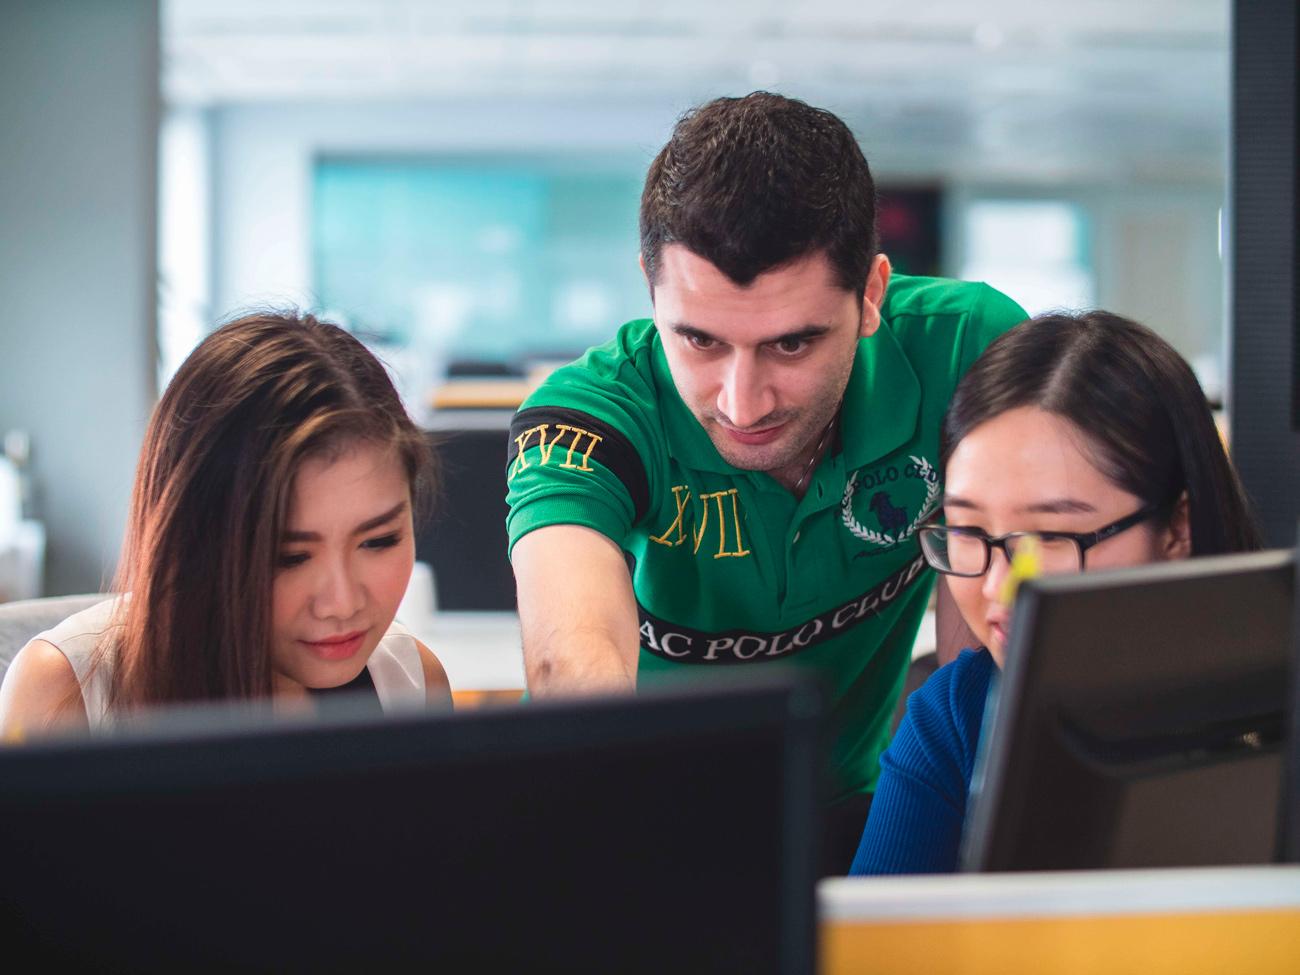 👨💻 У Києві відкривається IT-Академія з безкоштовним навчанням і оплачуваним стажуванням